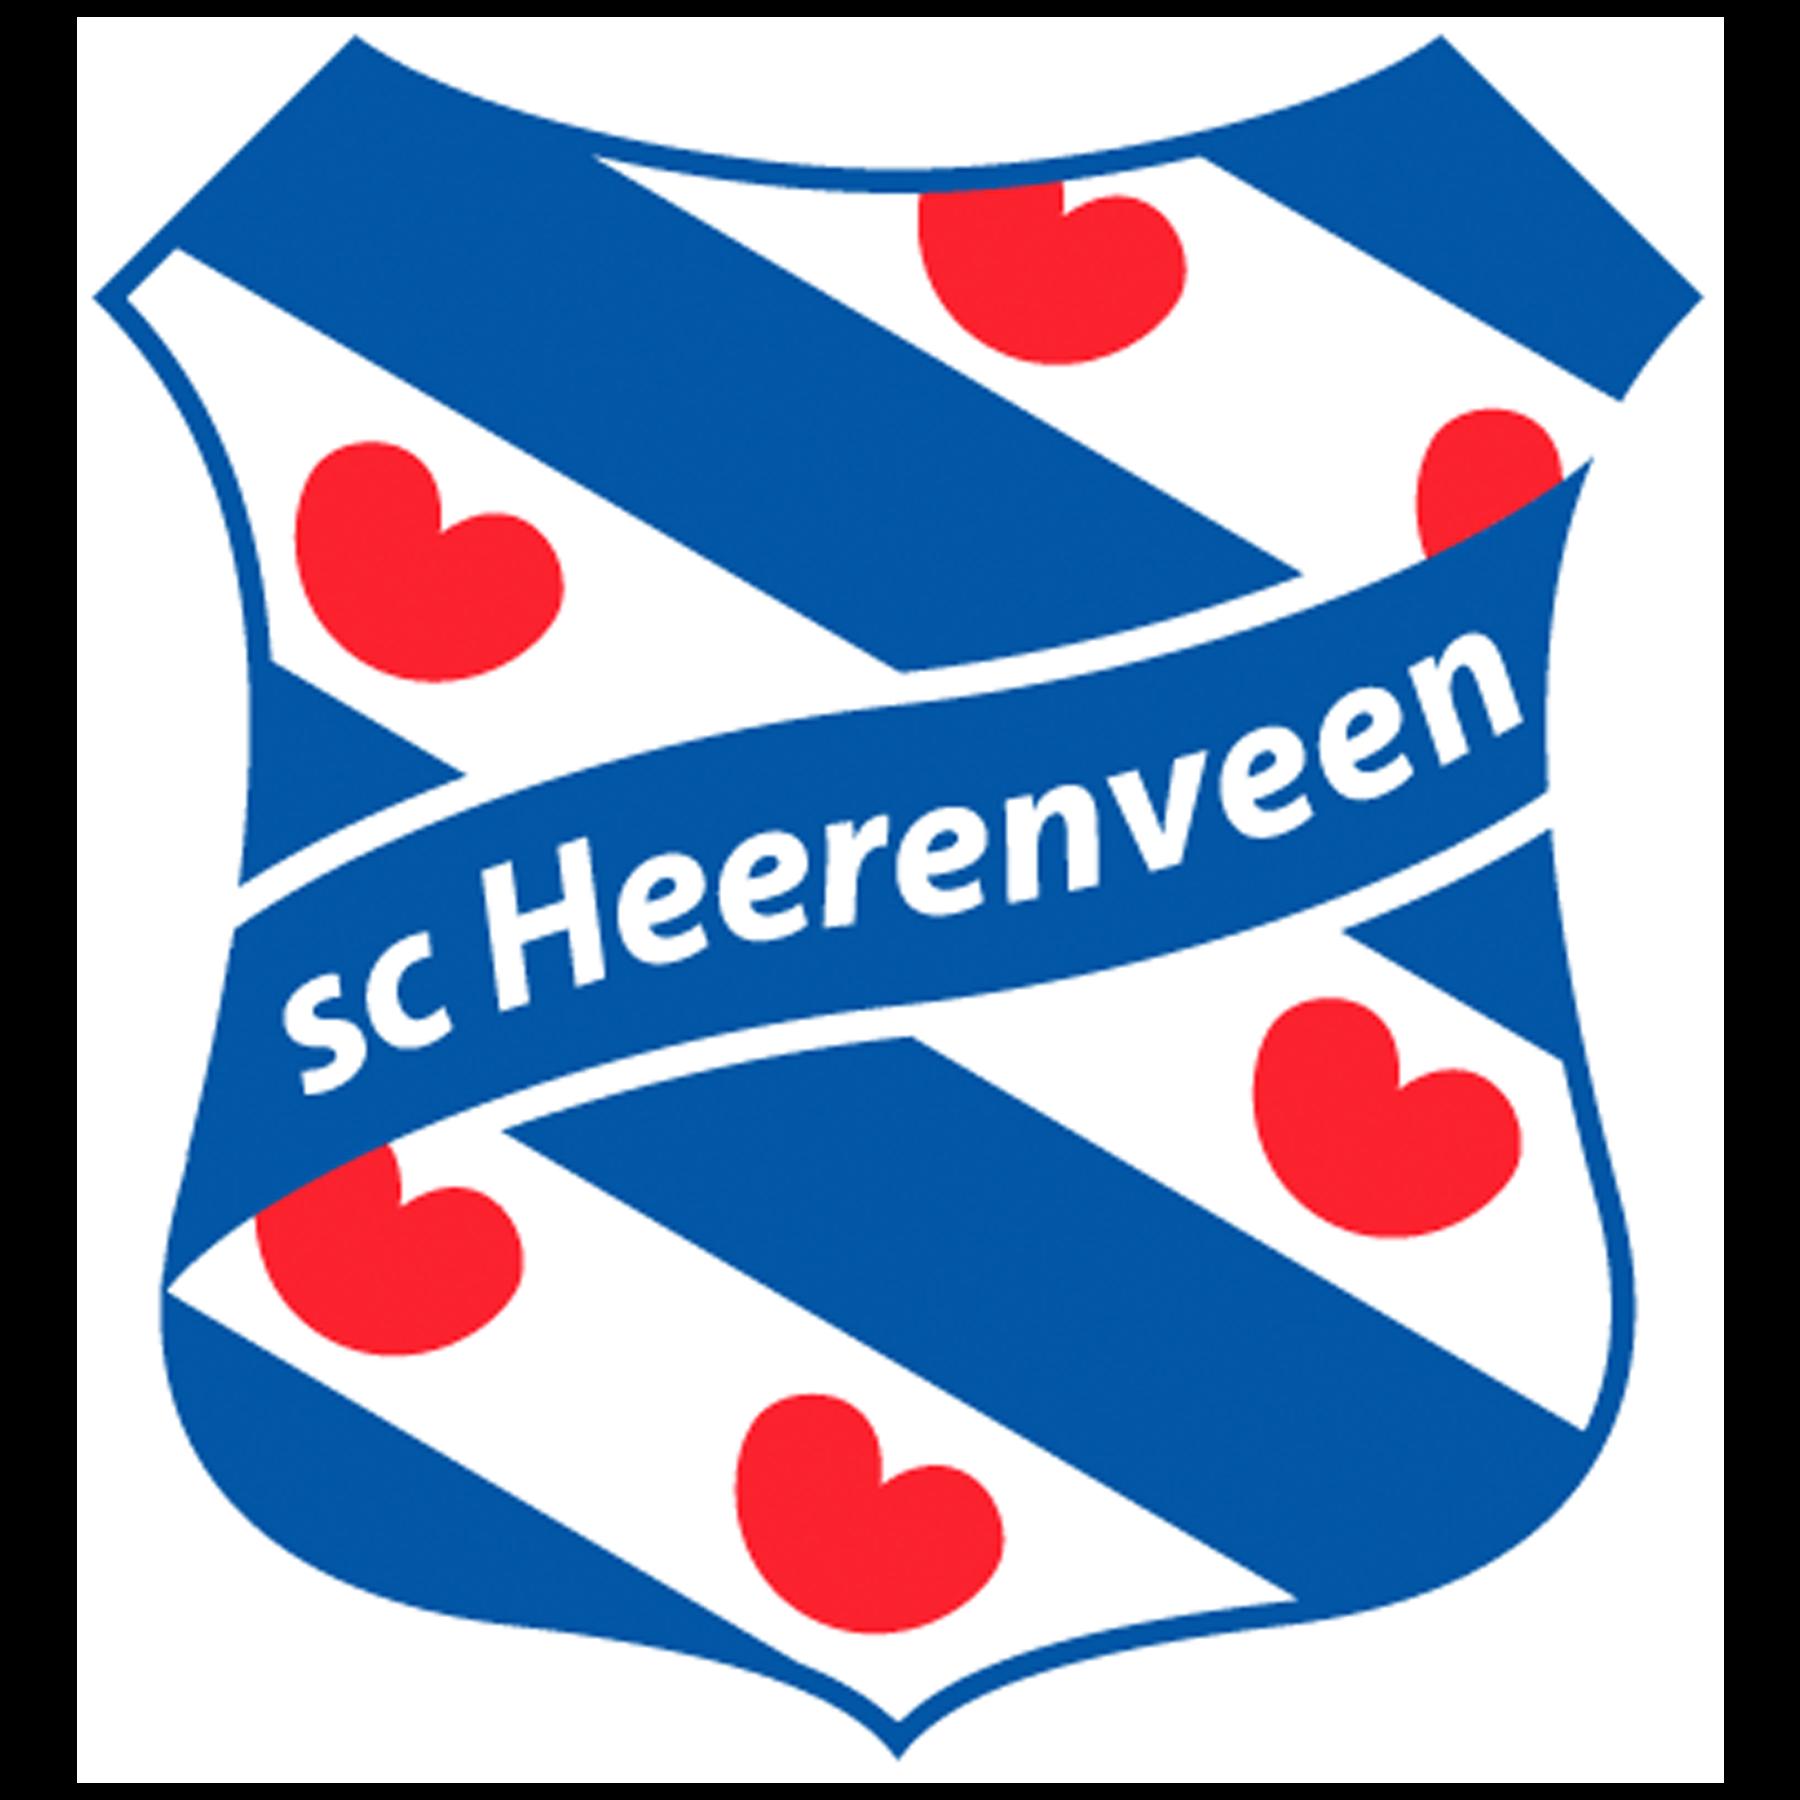 Herenveen